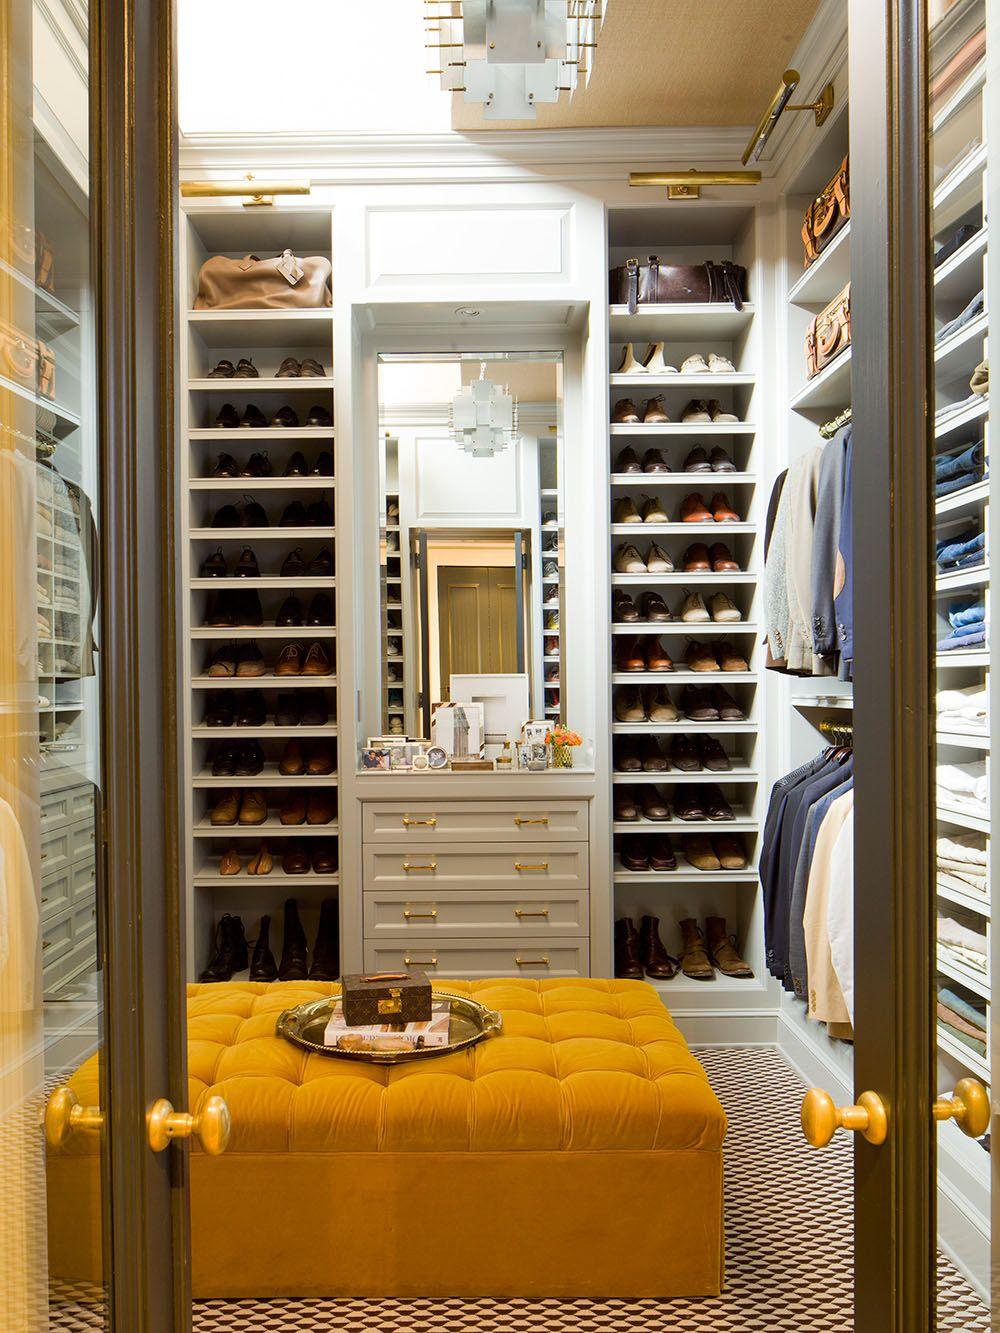 Walkin closet for men masculine closet design dream walk in